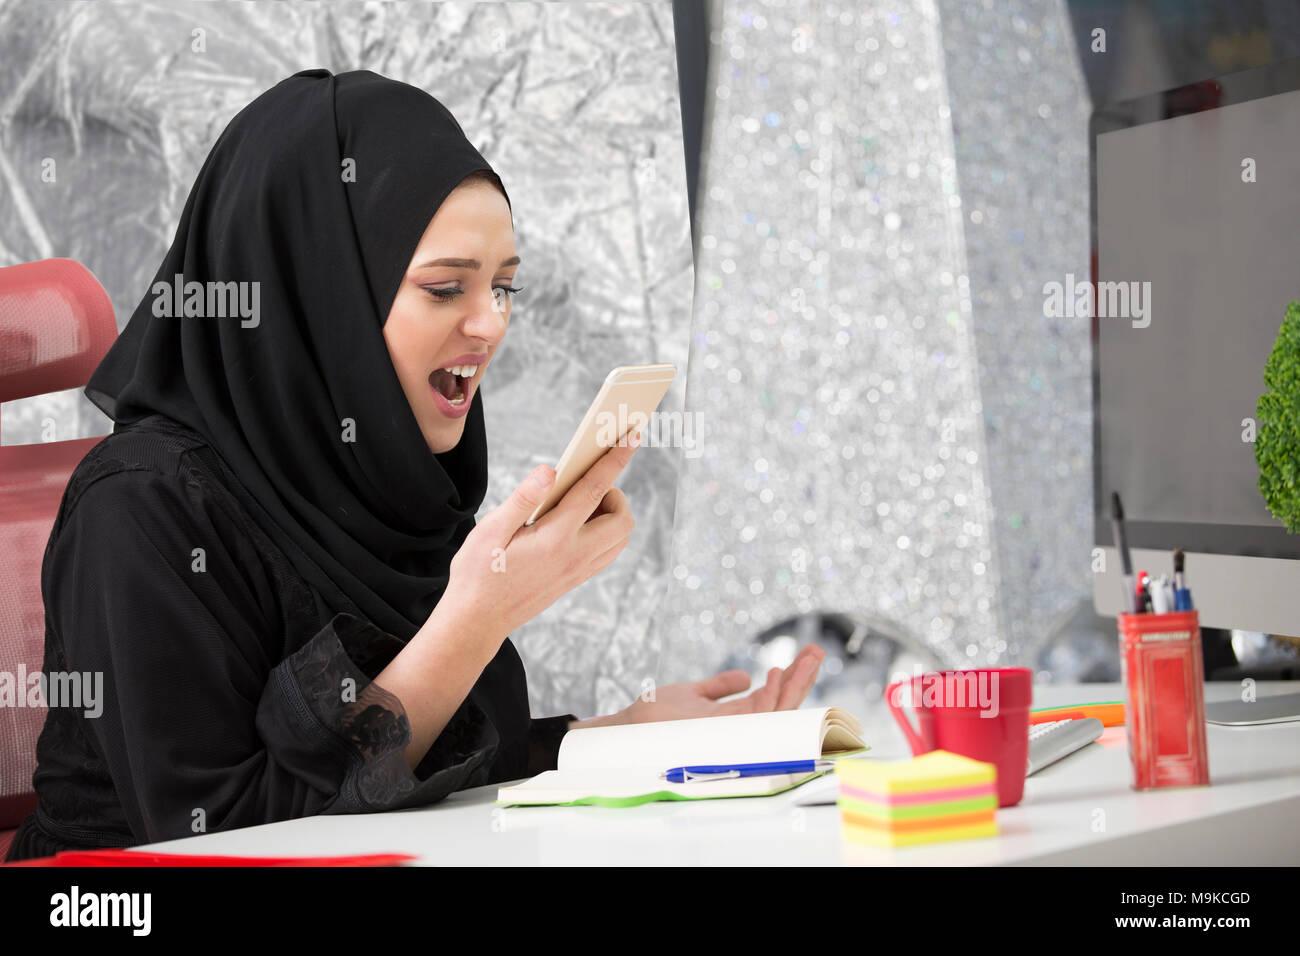 Muslimische Arbeitnehmerin, am Telefon zu sprechen während der Arbeit mit dem Laptop. Stockfoto